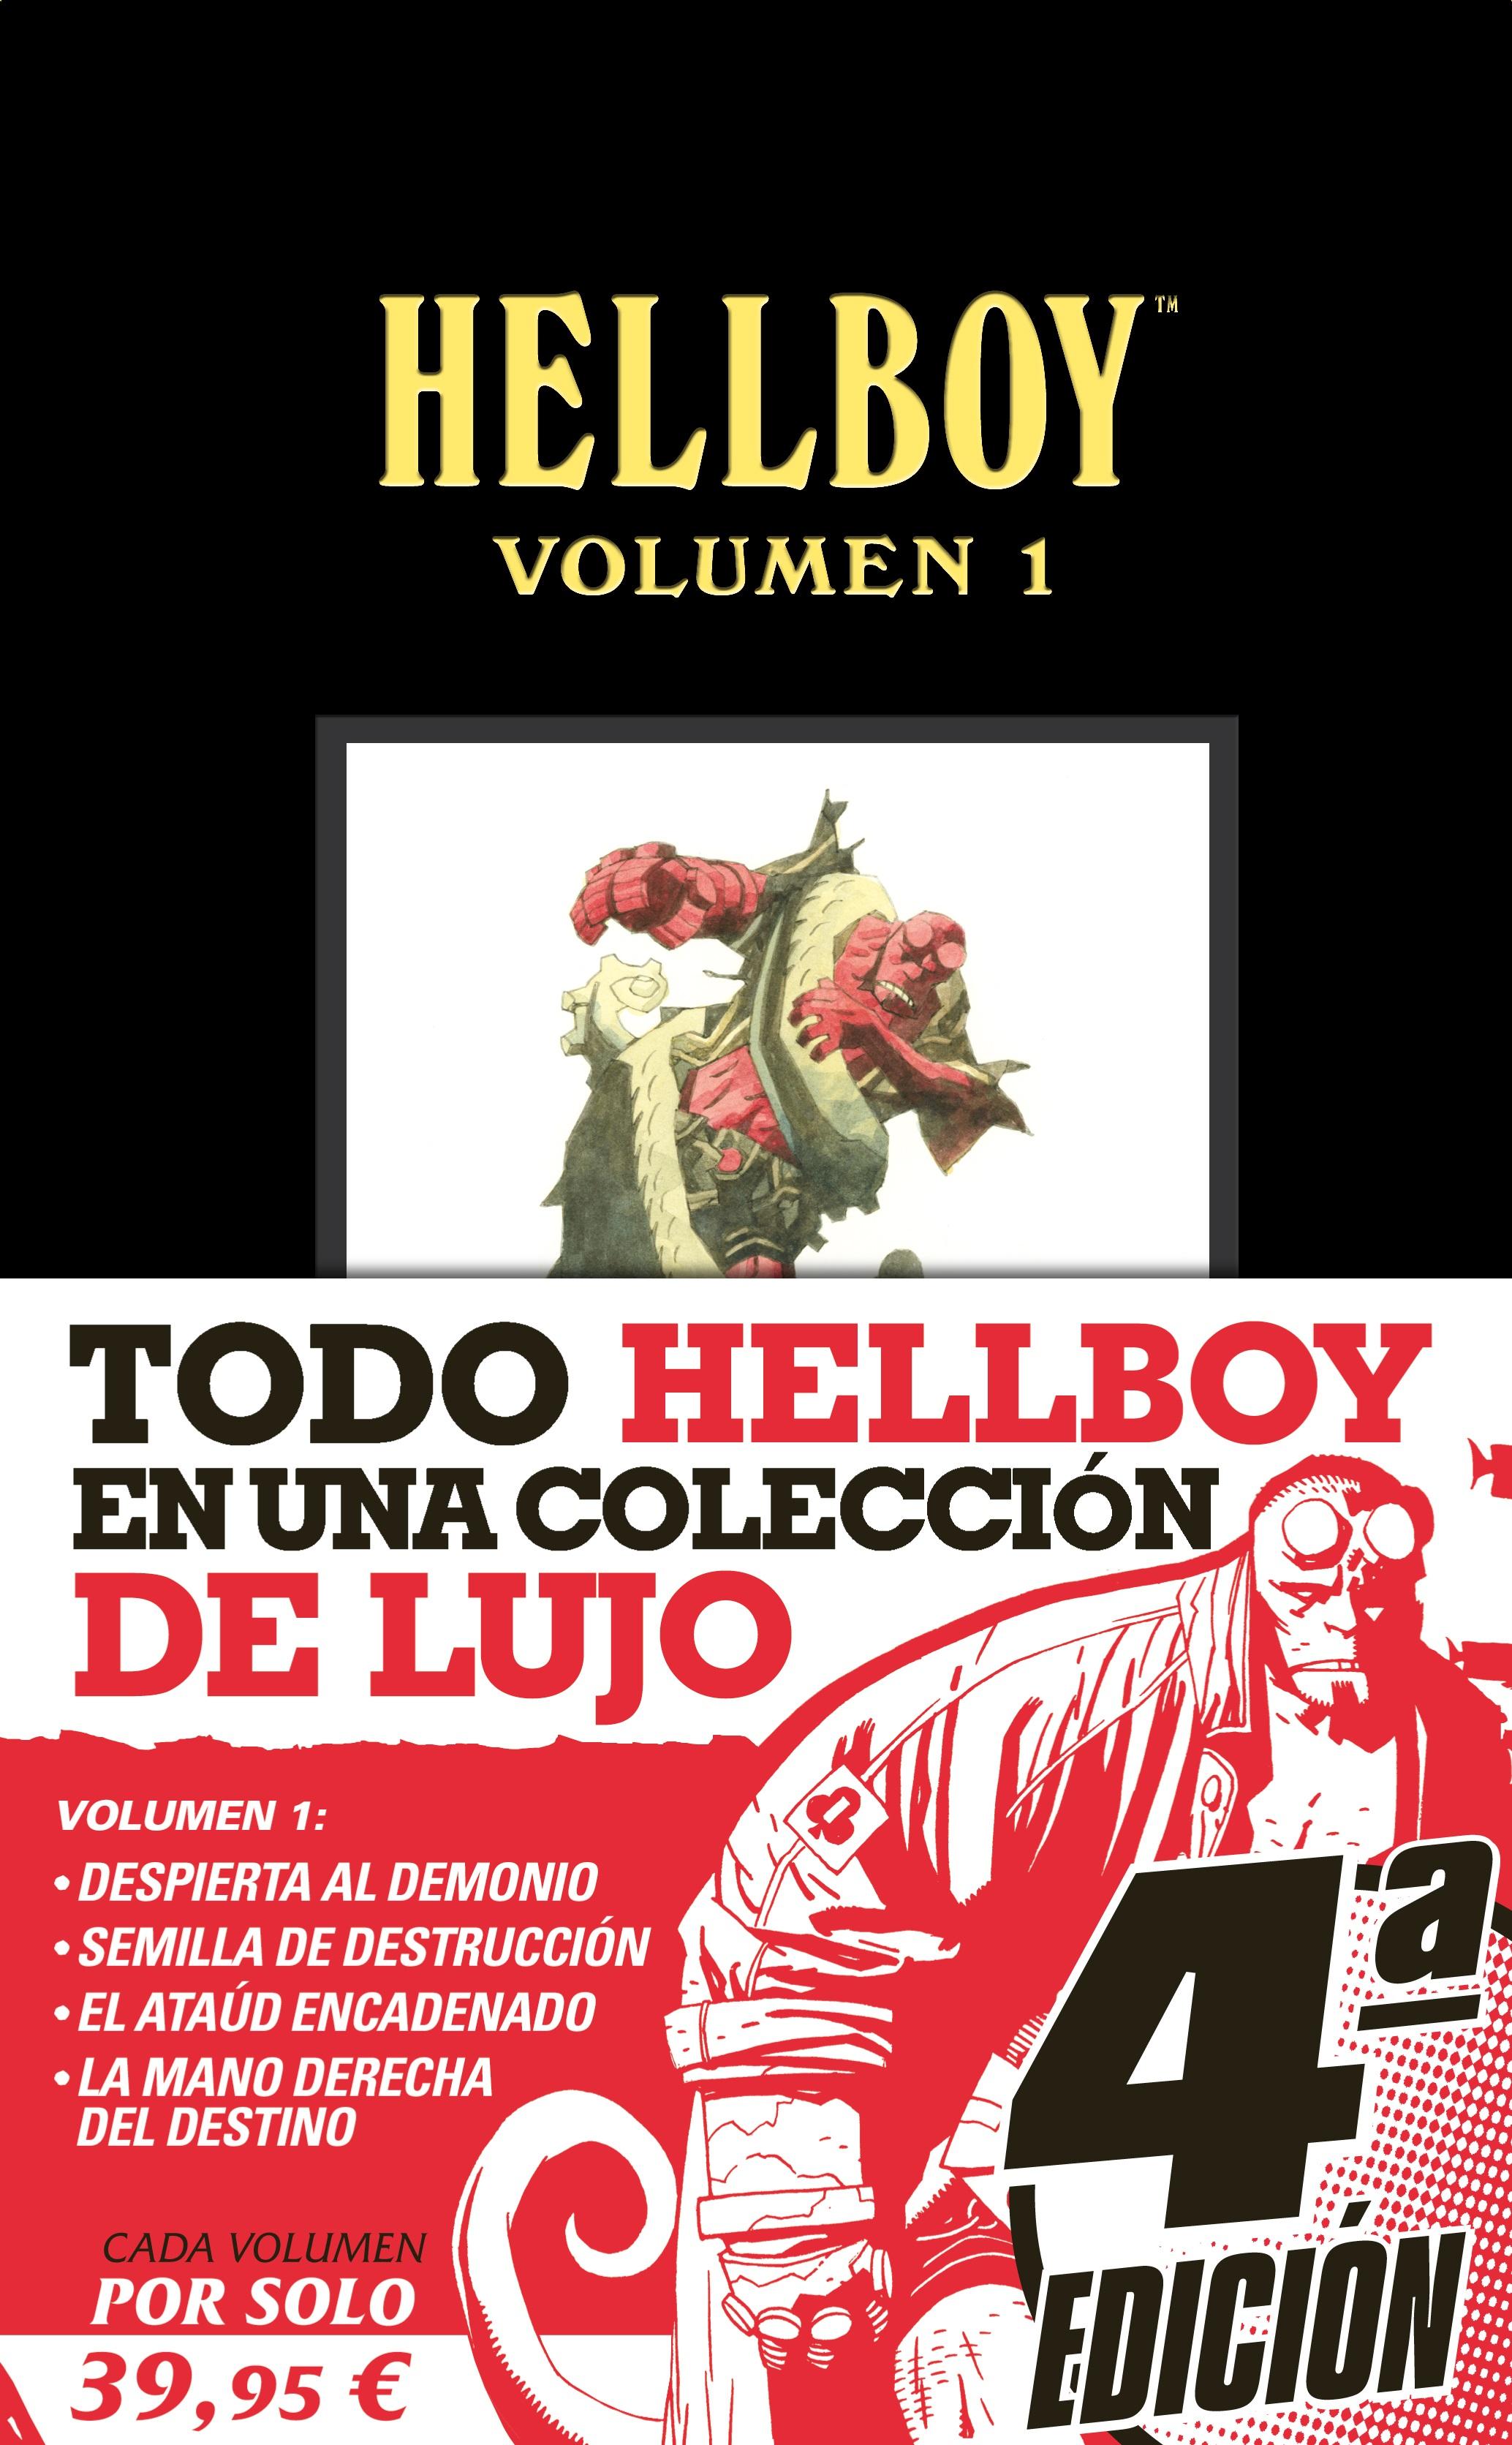 COVER HELLBOY VOLUMEN 01 4aed CON FAJA